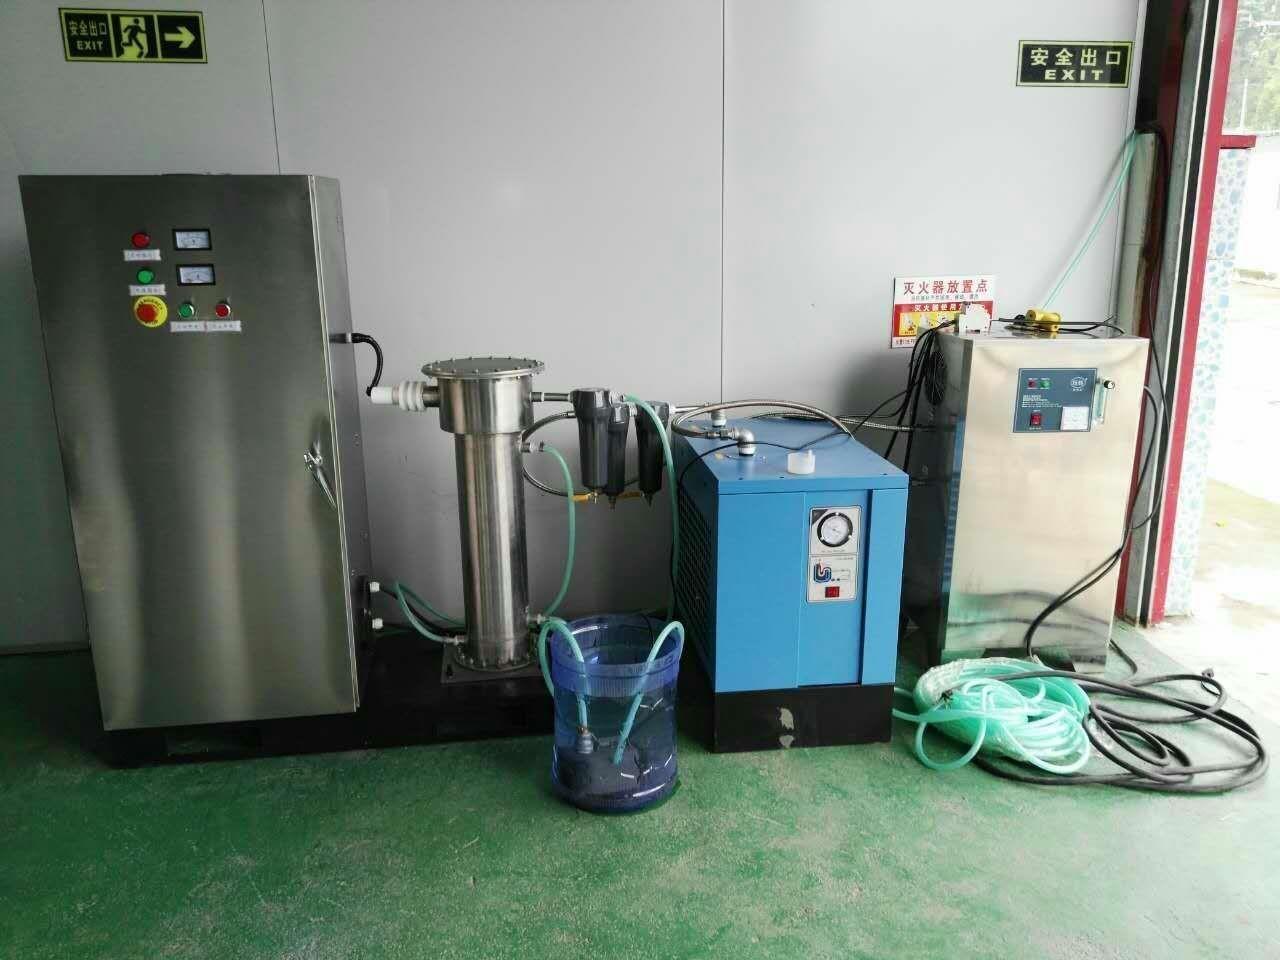 臭氧消毒设备案例展示